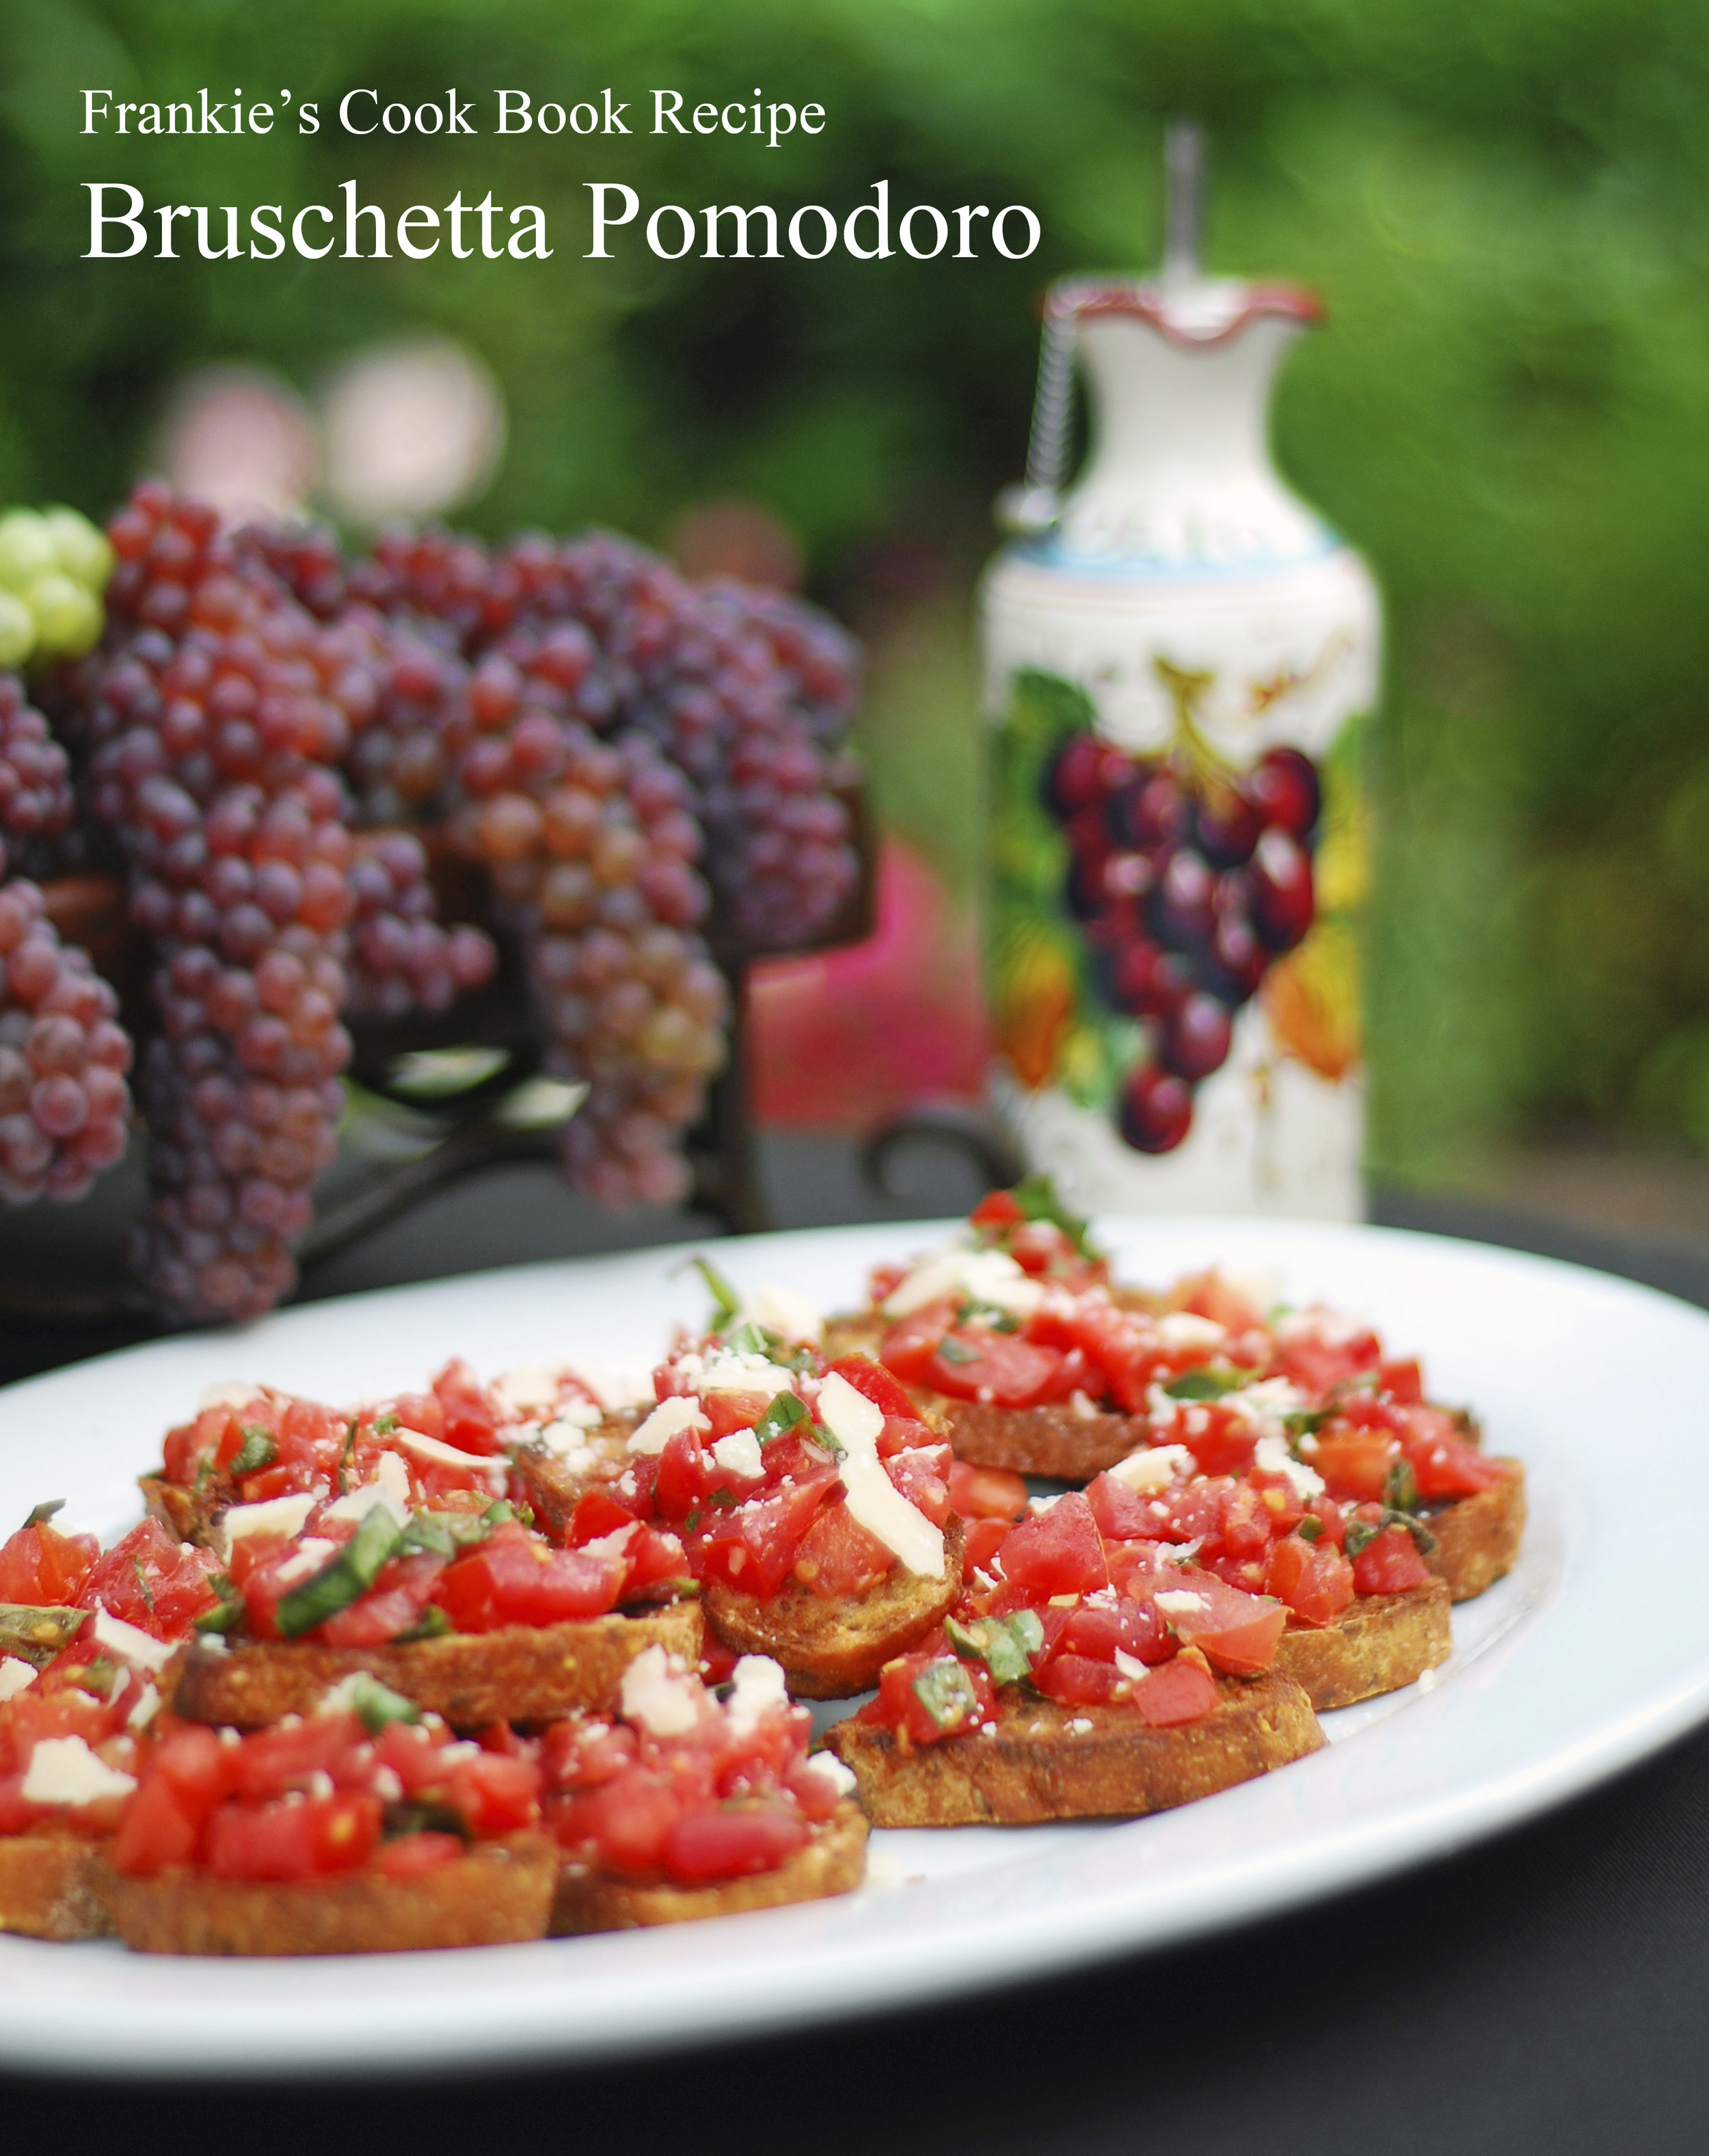 Bruschetta Pomodoro.jpg